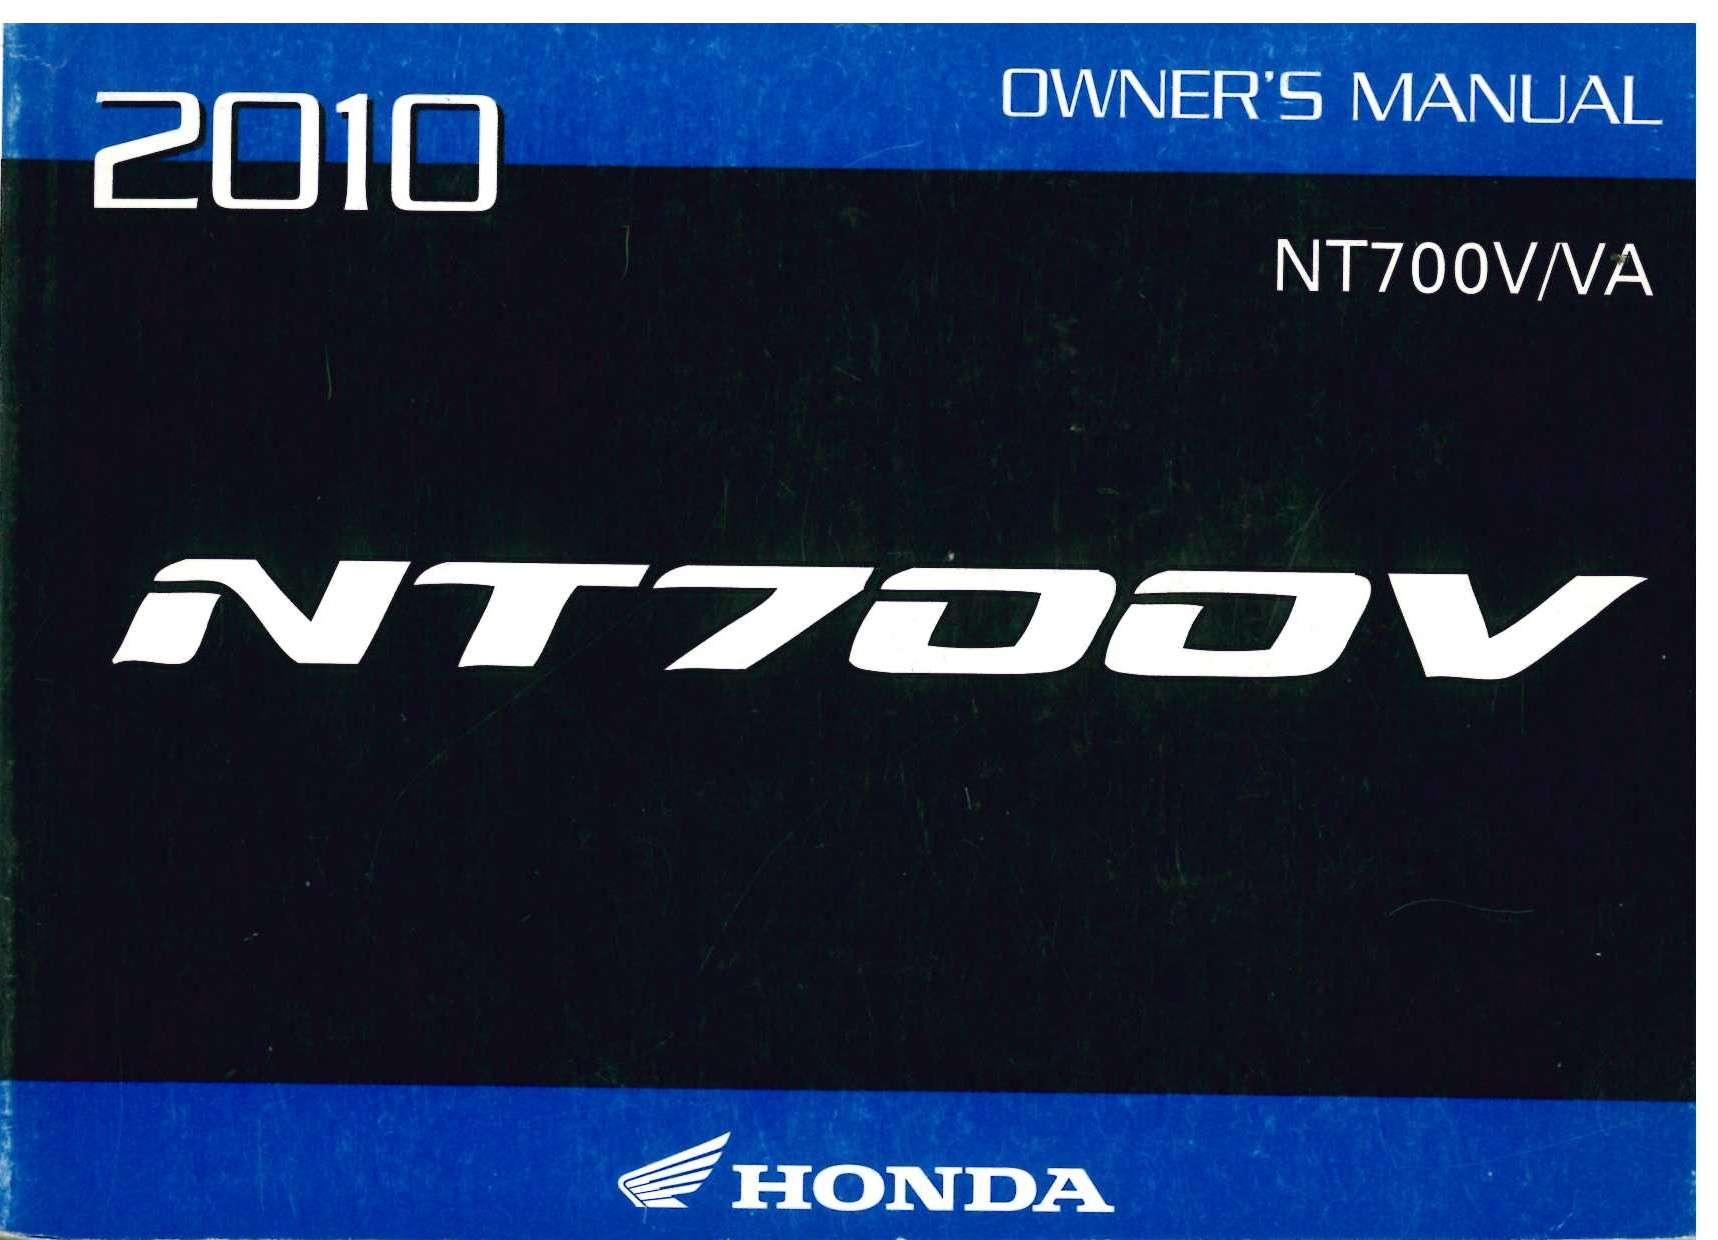 2010 honda nt700v motorcycle owners manual 31mewa00 ebay rh ebay com 2010 honda pilot owners manual 2010 honda crv owners manual